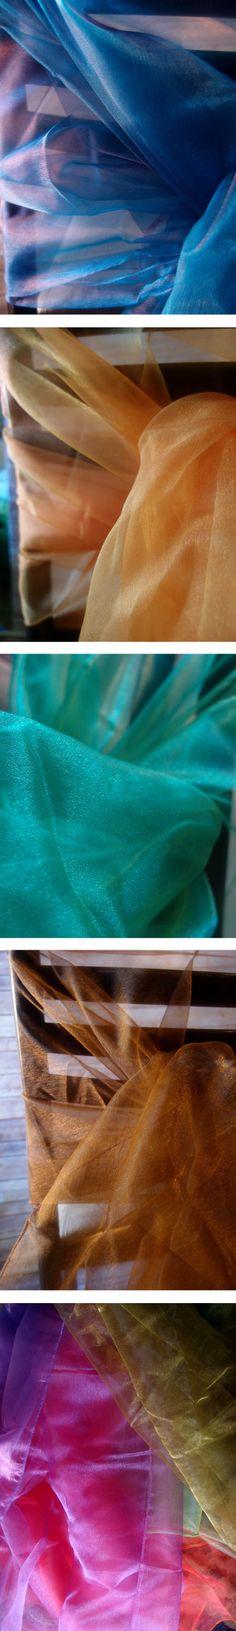 organza draping